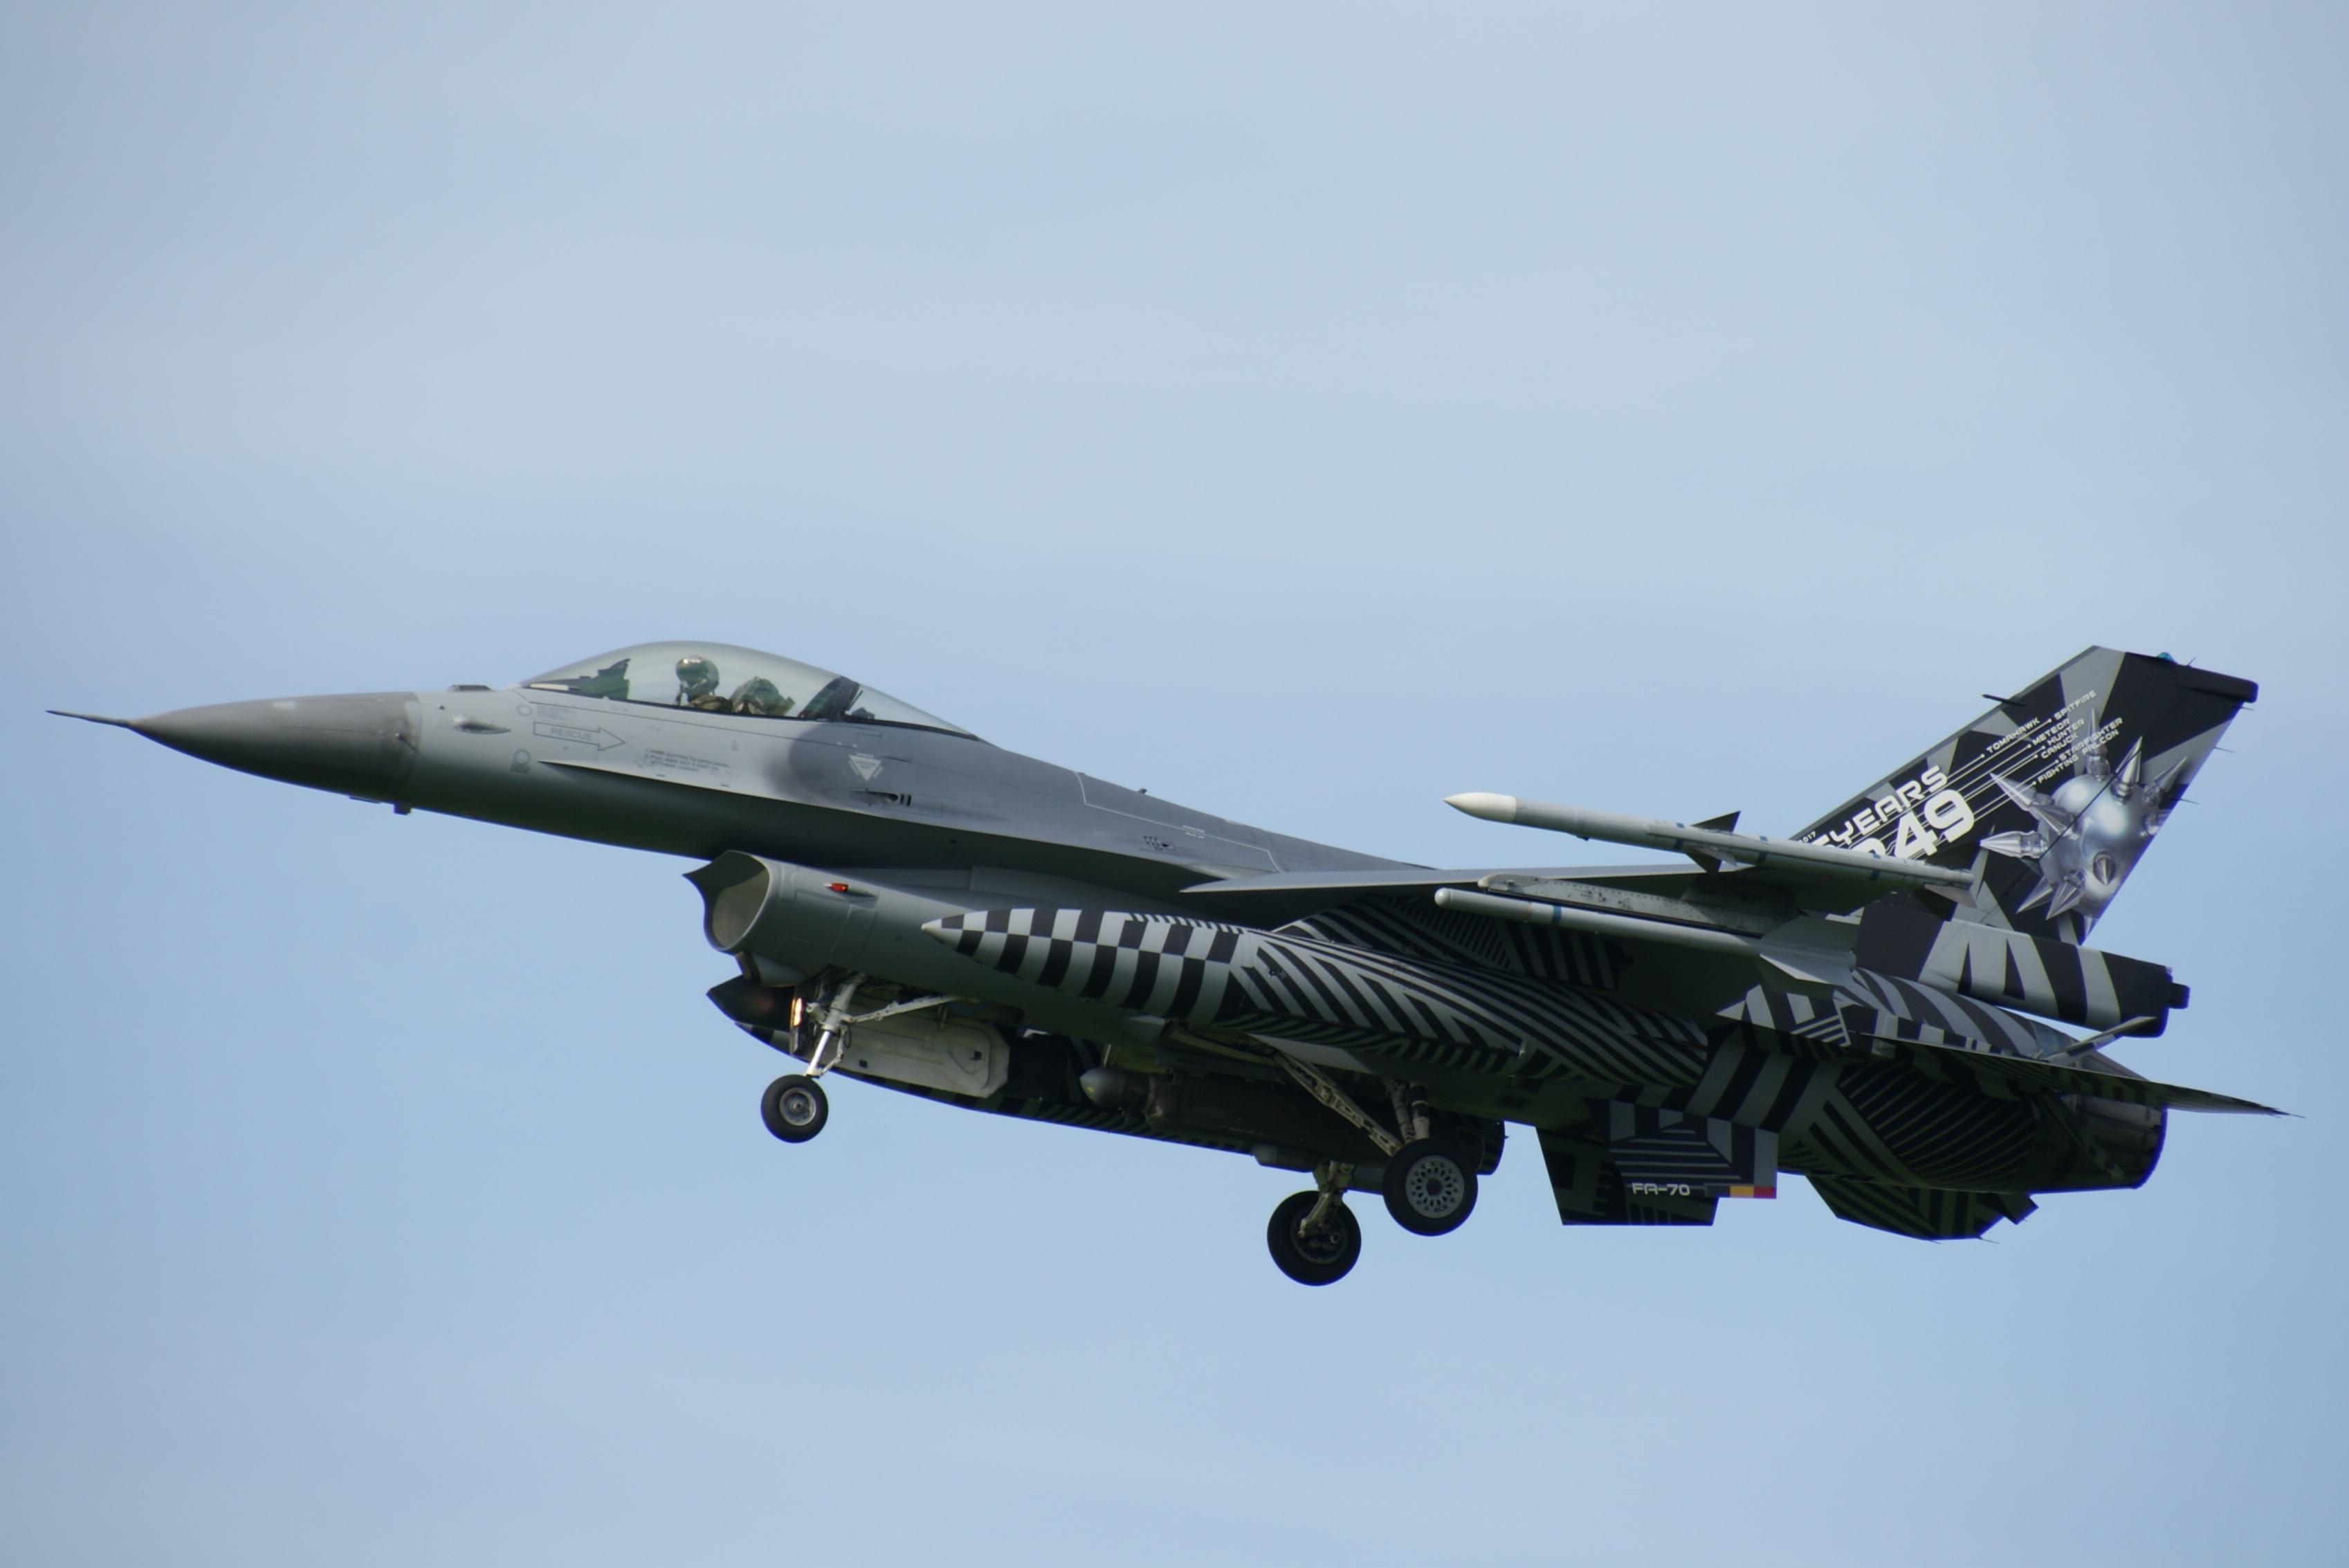 Naam: FA-70 SPECIAL (4).jpg Bekeken: 155 Grootte: 239,1 KB